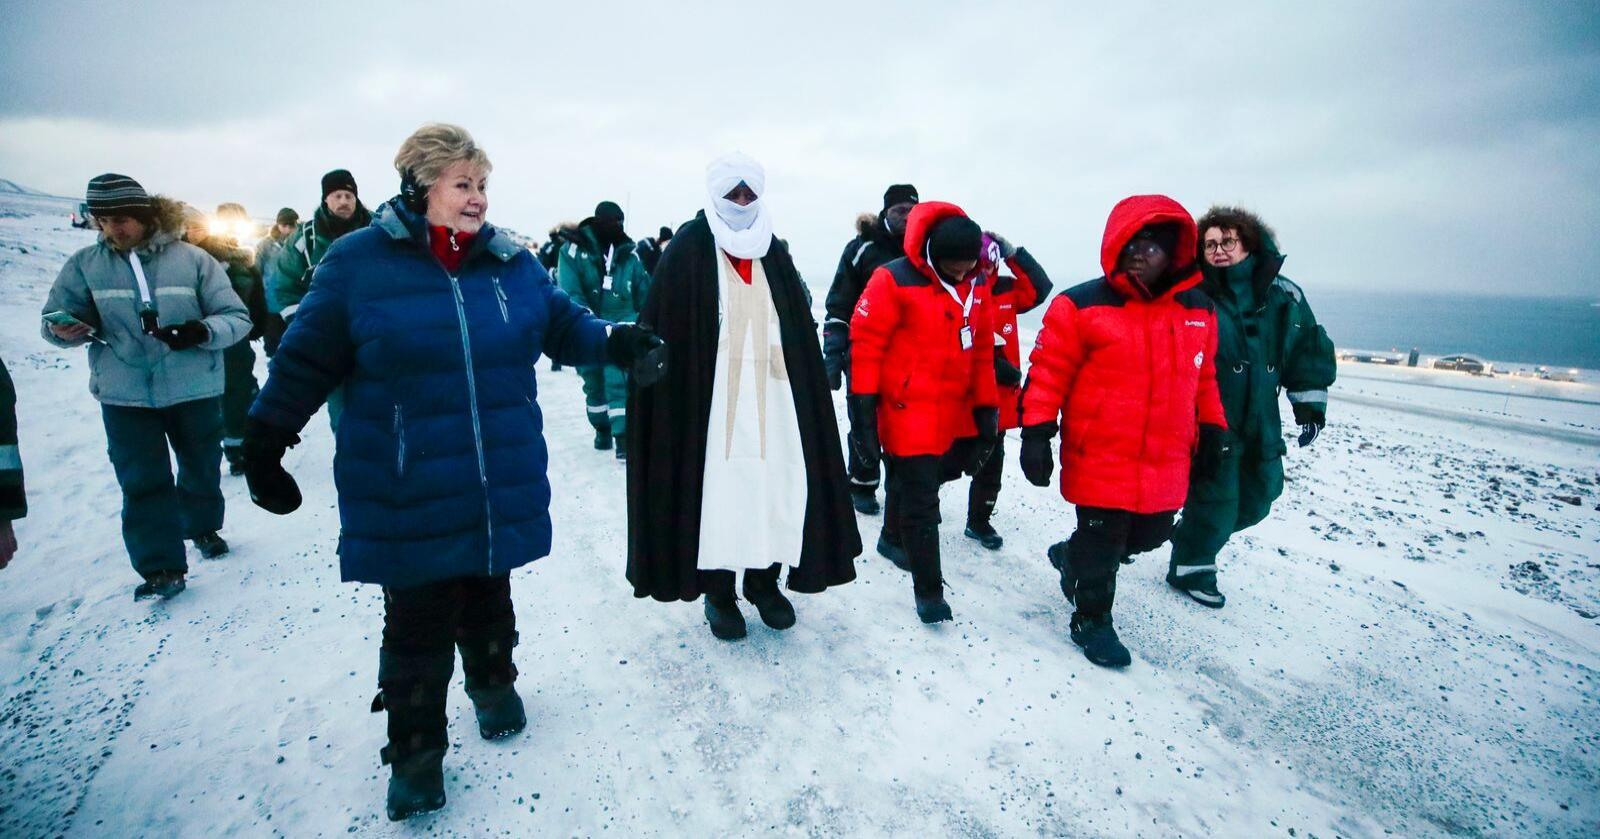 Statsminister Erna Solberg, landbruks- og matminister Olaug V. Bollestad (KrF) og Ghanas president Nanna Addo Dankwa Akufo-Addo (nr. to f.h.) besøkte tirsdag det globale frøhvelvet på Svalbard. Representanter fra mange land og universiteter kom samtidig til hvelvet med nye frø. Foto: Lise Åserud / NTB scanpix